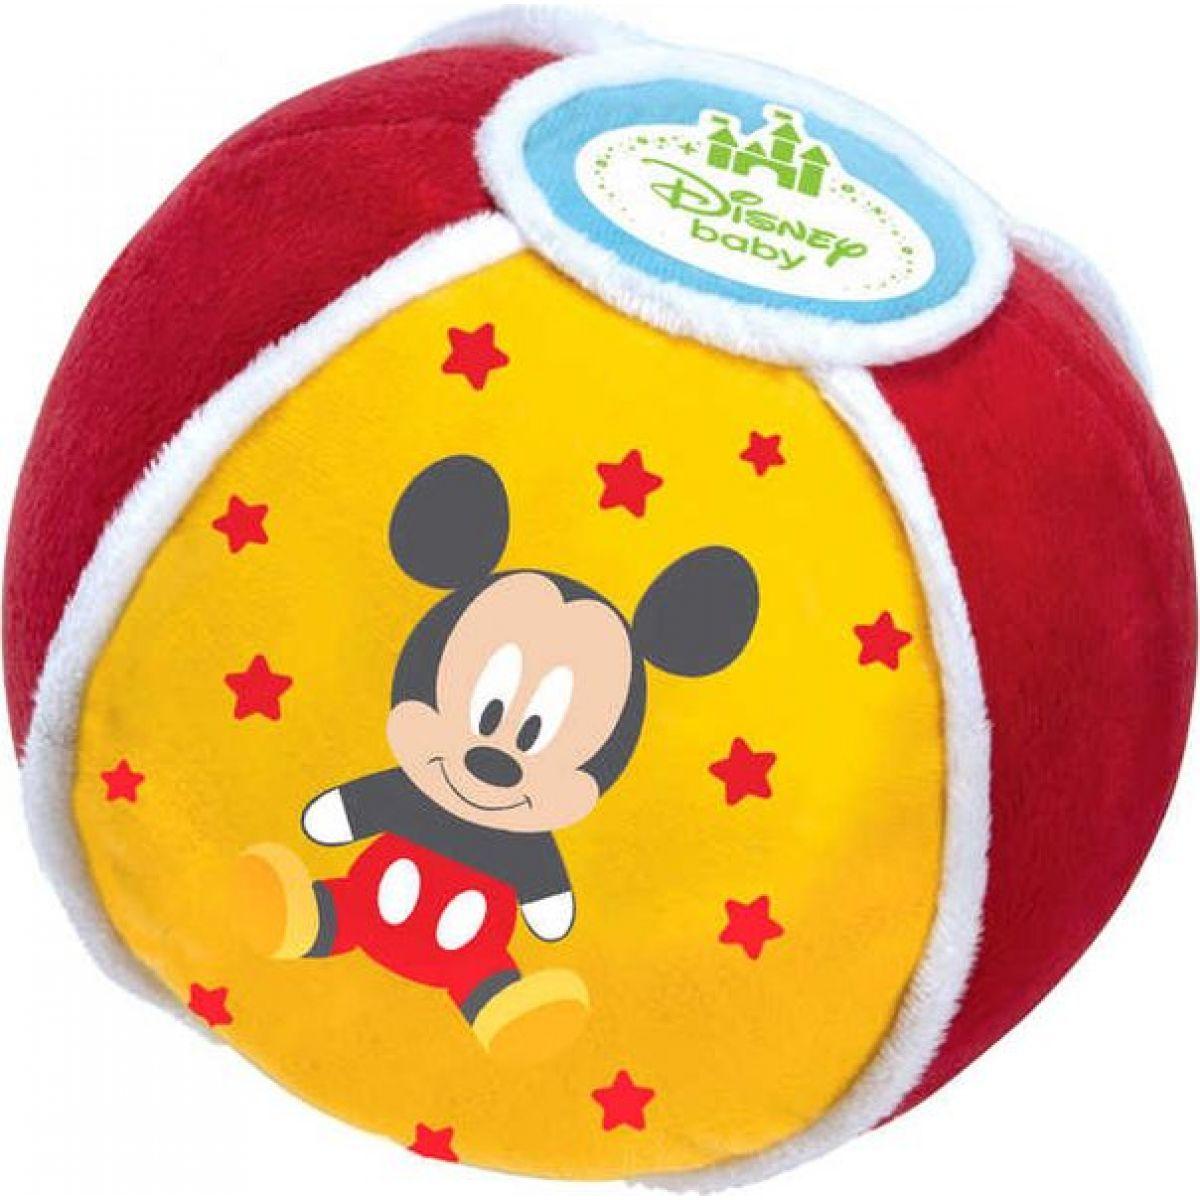 CLEMENTONI Míč baby Mickey Disney měkký textilní na baterie se zvukem